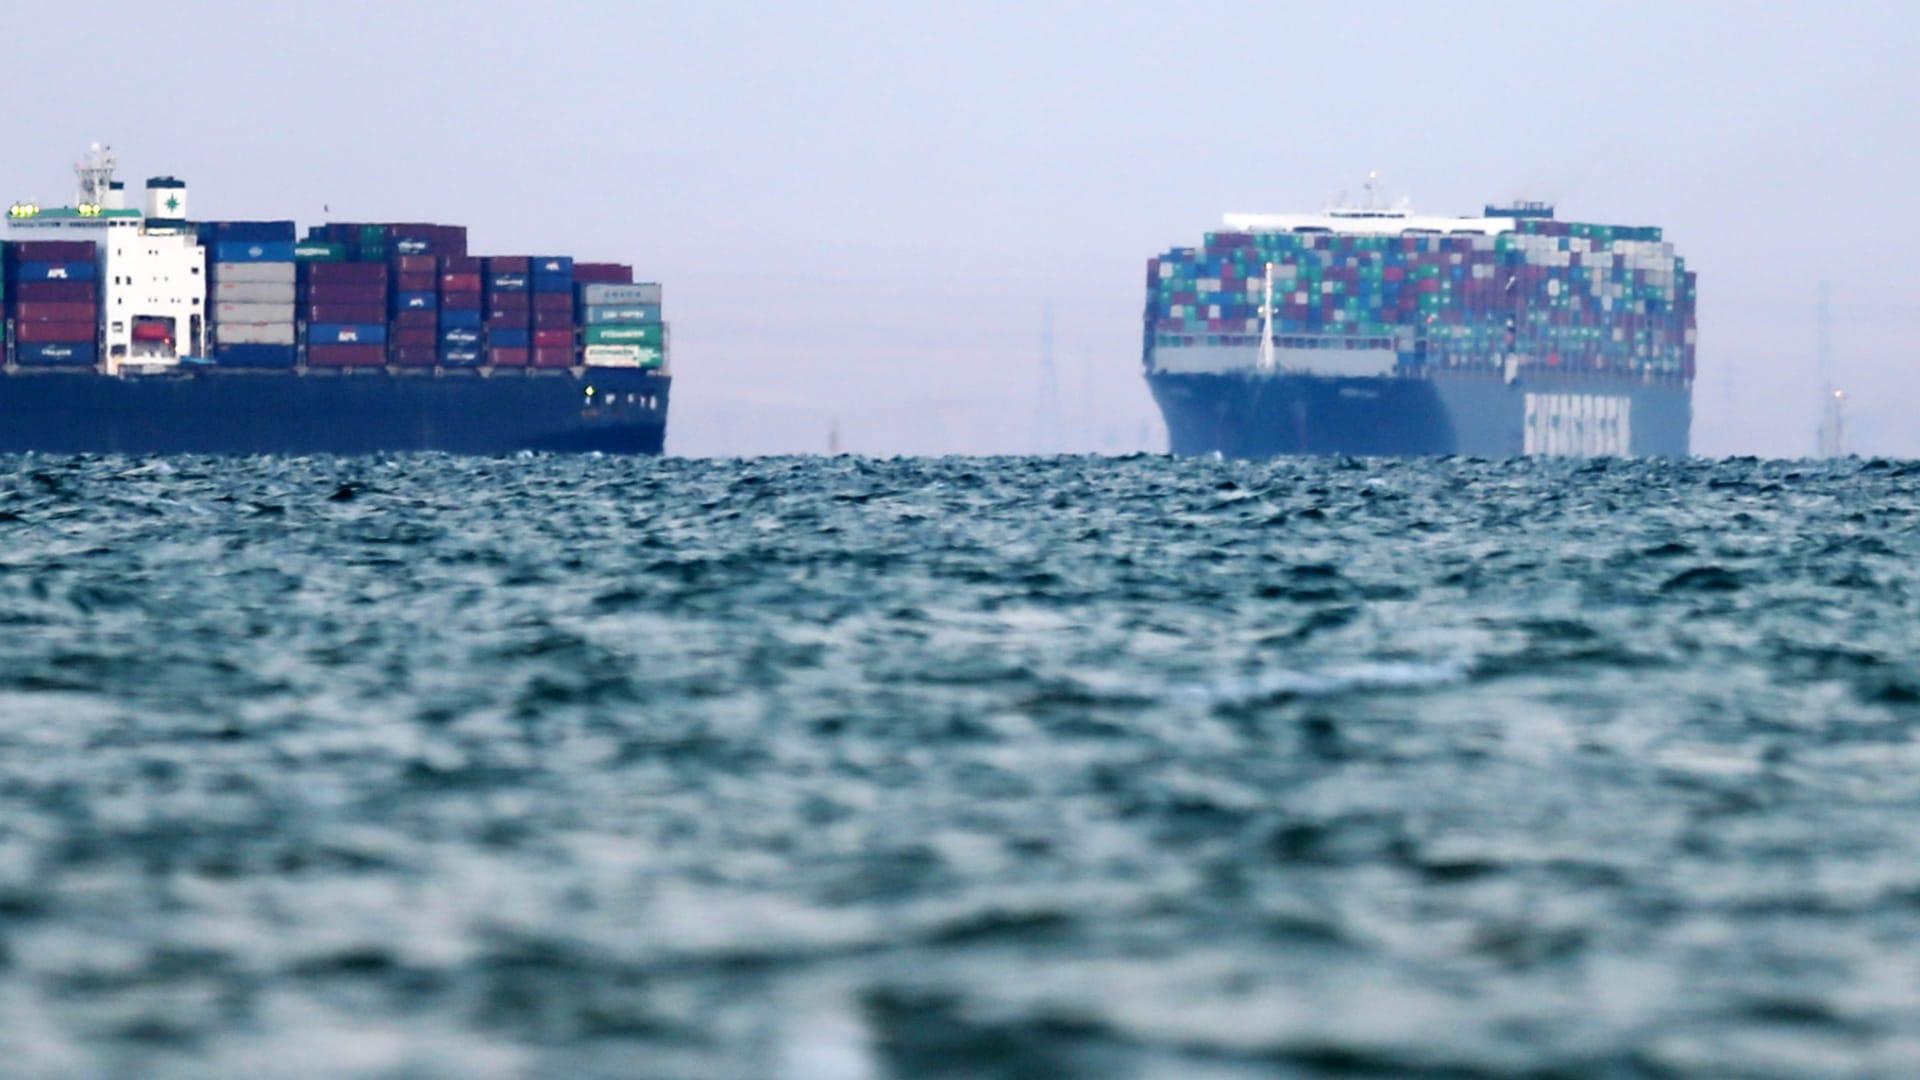 """أول تعليق من السعودية على تعويم سفينة """"إيفر غيفن"""" في قناة السويس"""